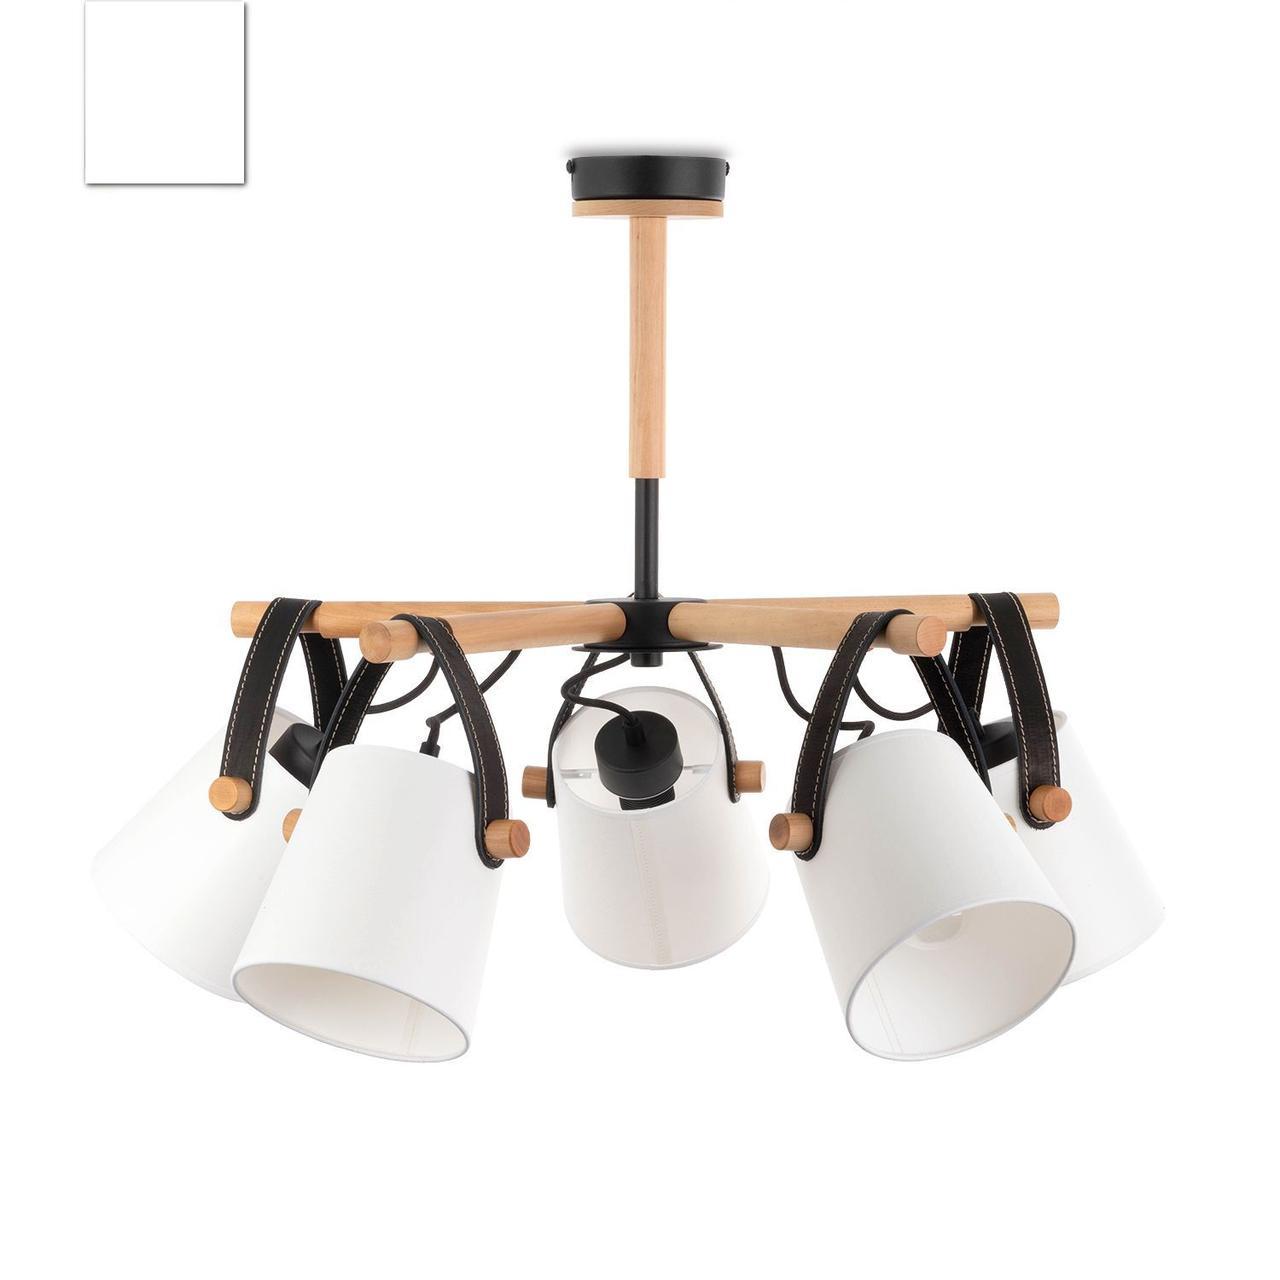 Люстра c белыми абажурами в стиле модерн, металлическая с деревом, спальня, зал, кухня,  60405-1